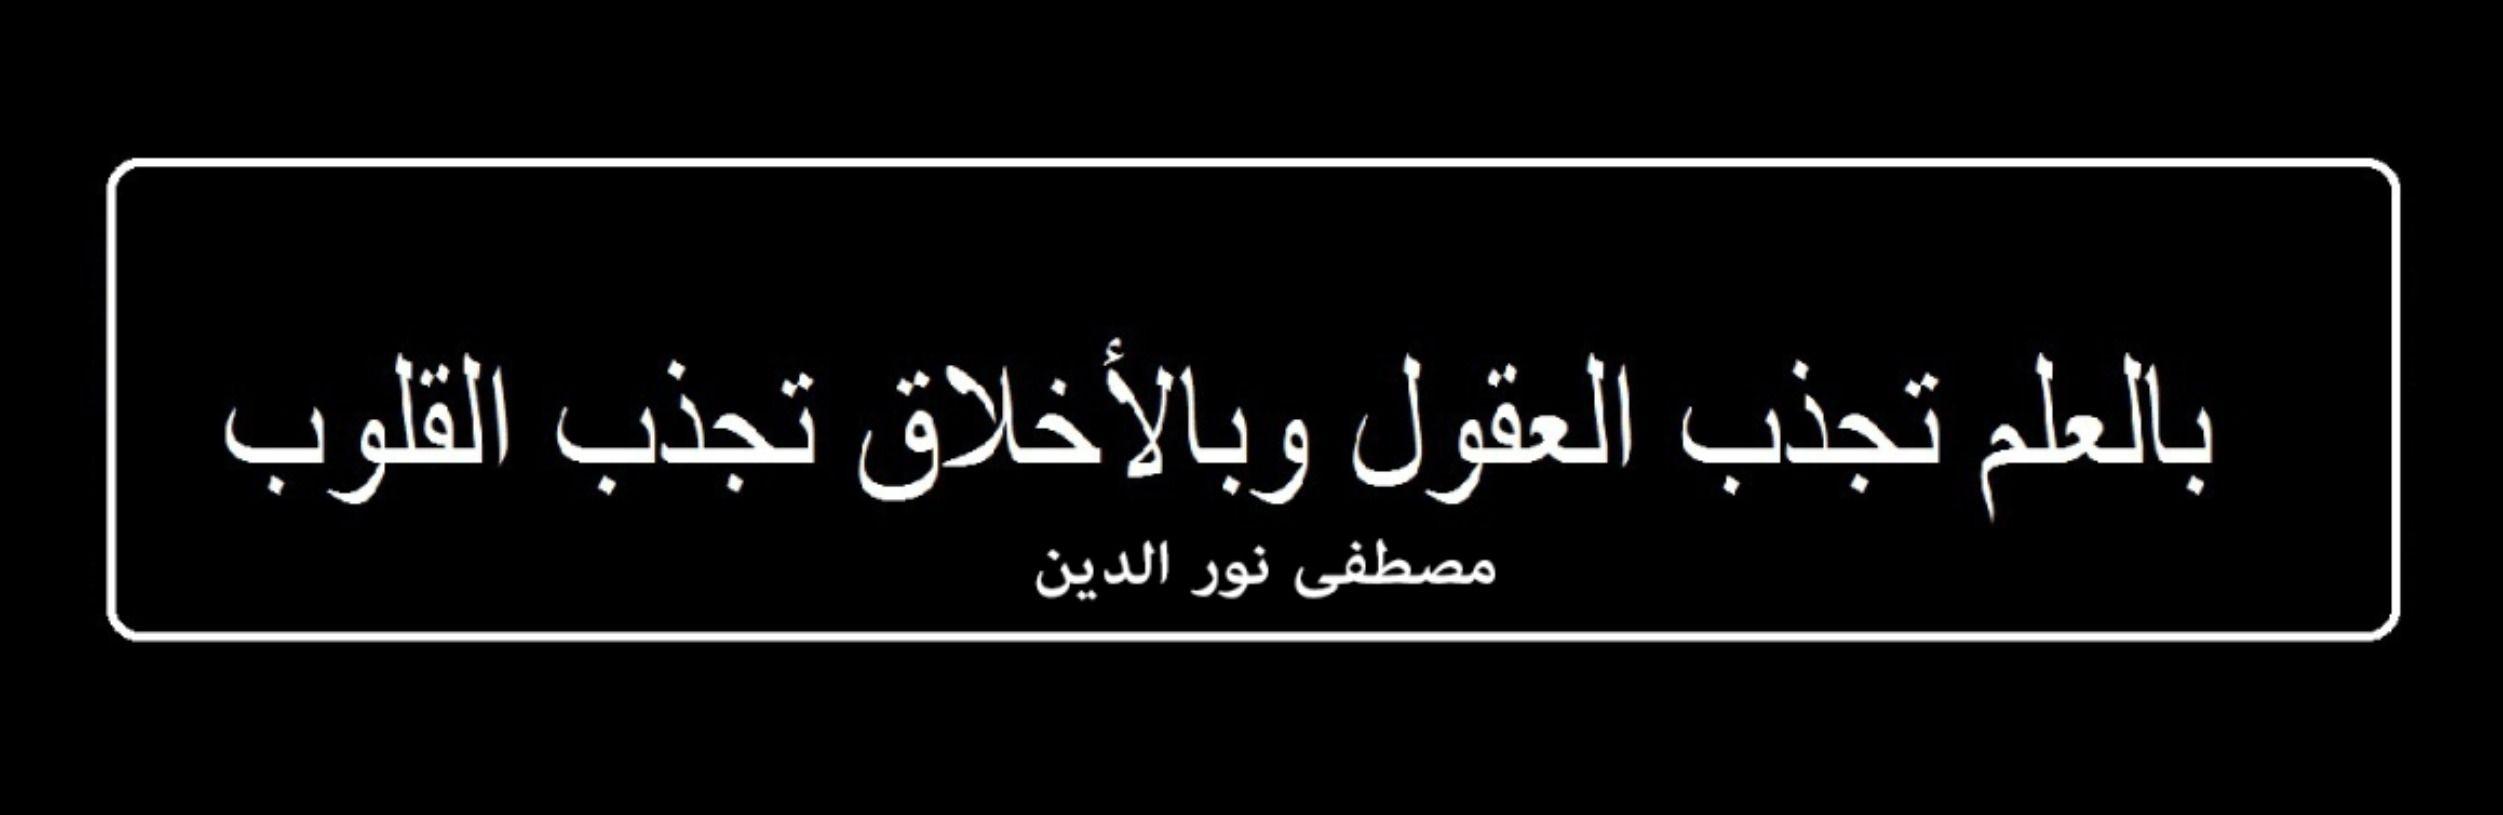 خلفية سوداء بالعلم تجذب العقول Neon Signs Art Arabic Calligraphy